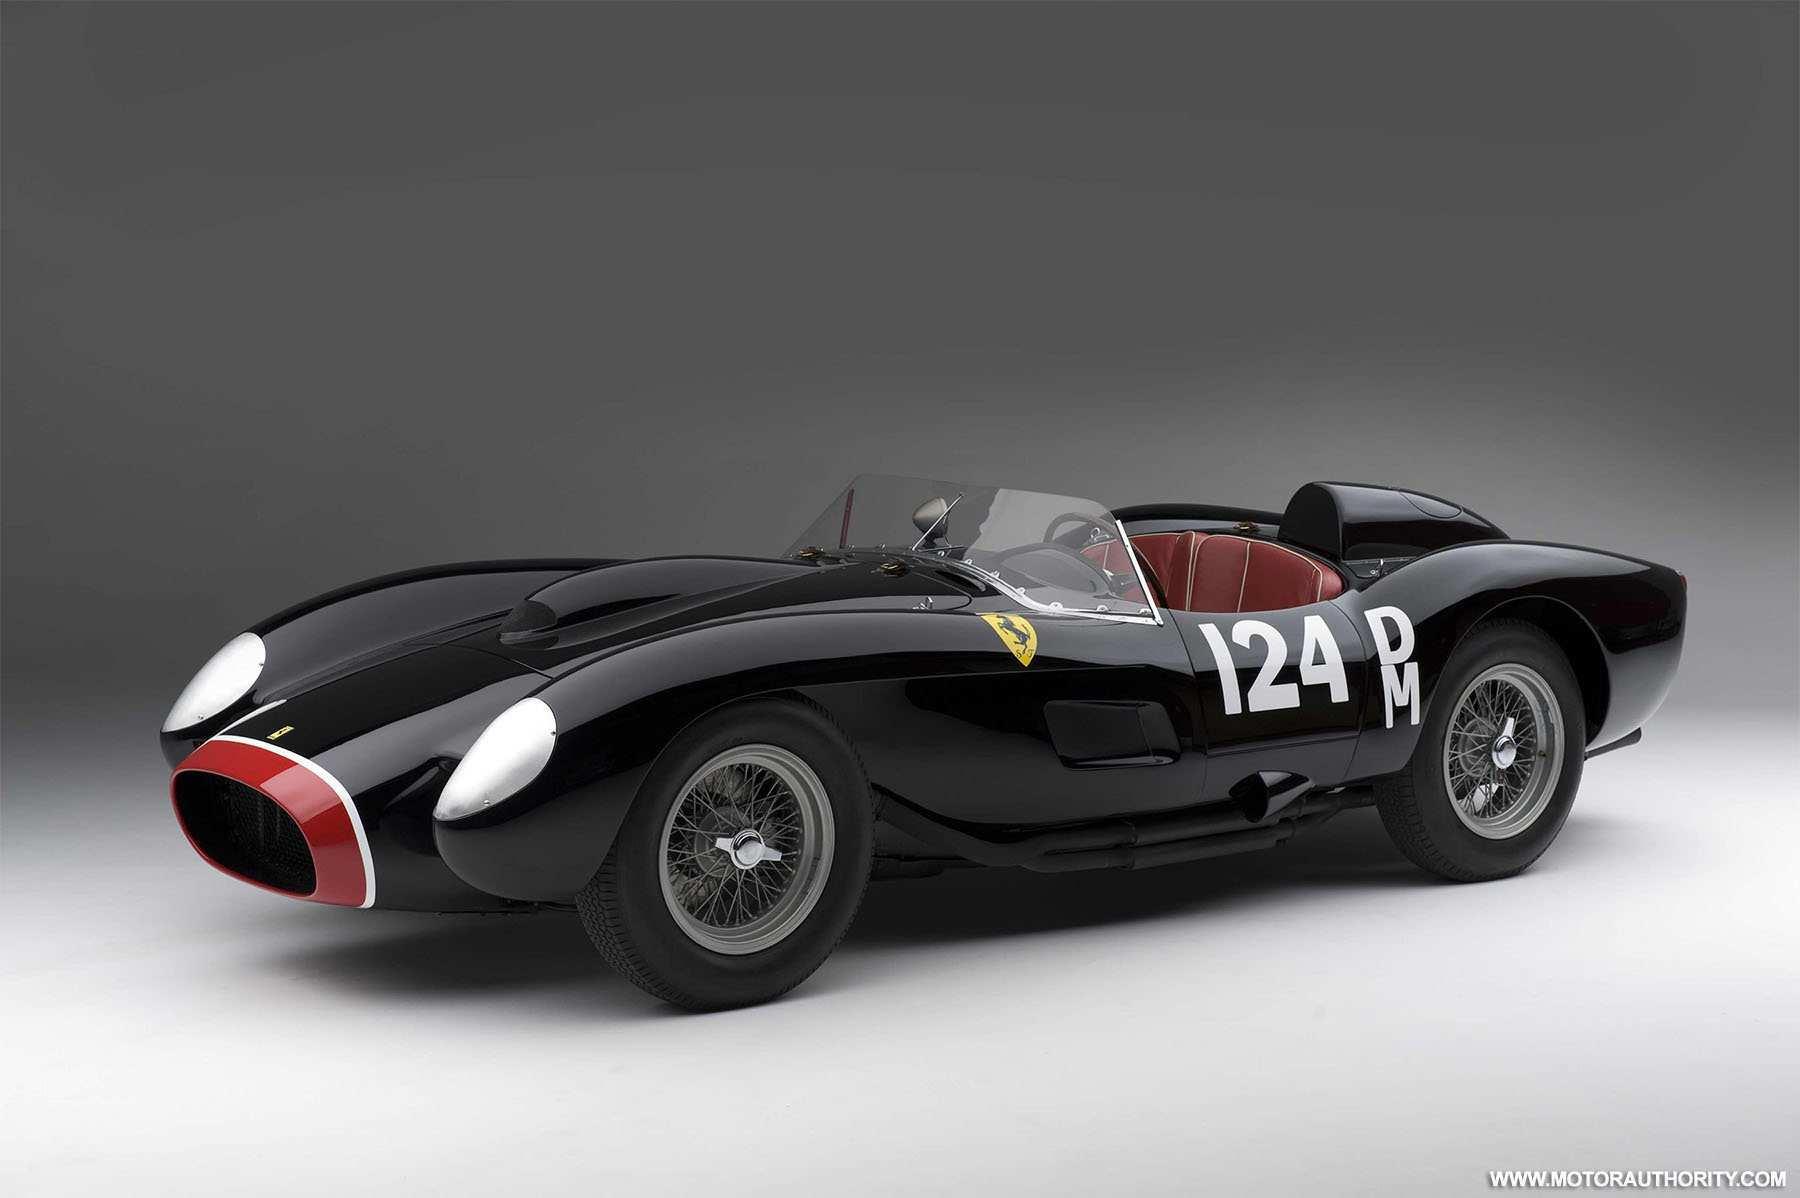 52 Concept of 2020 Ferrari Testarossa Picture by 2020 Ferrari Testarossa